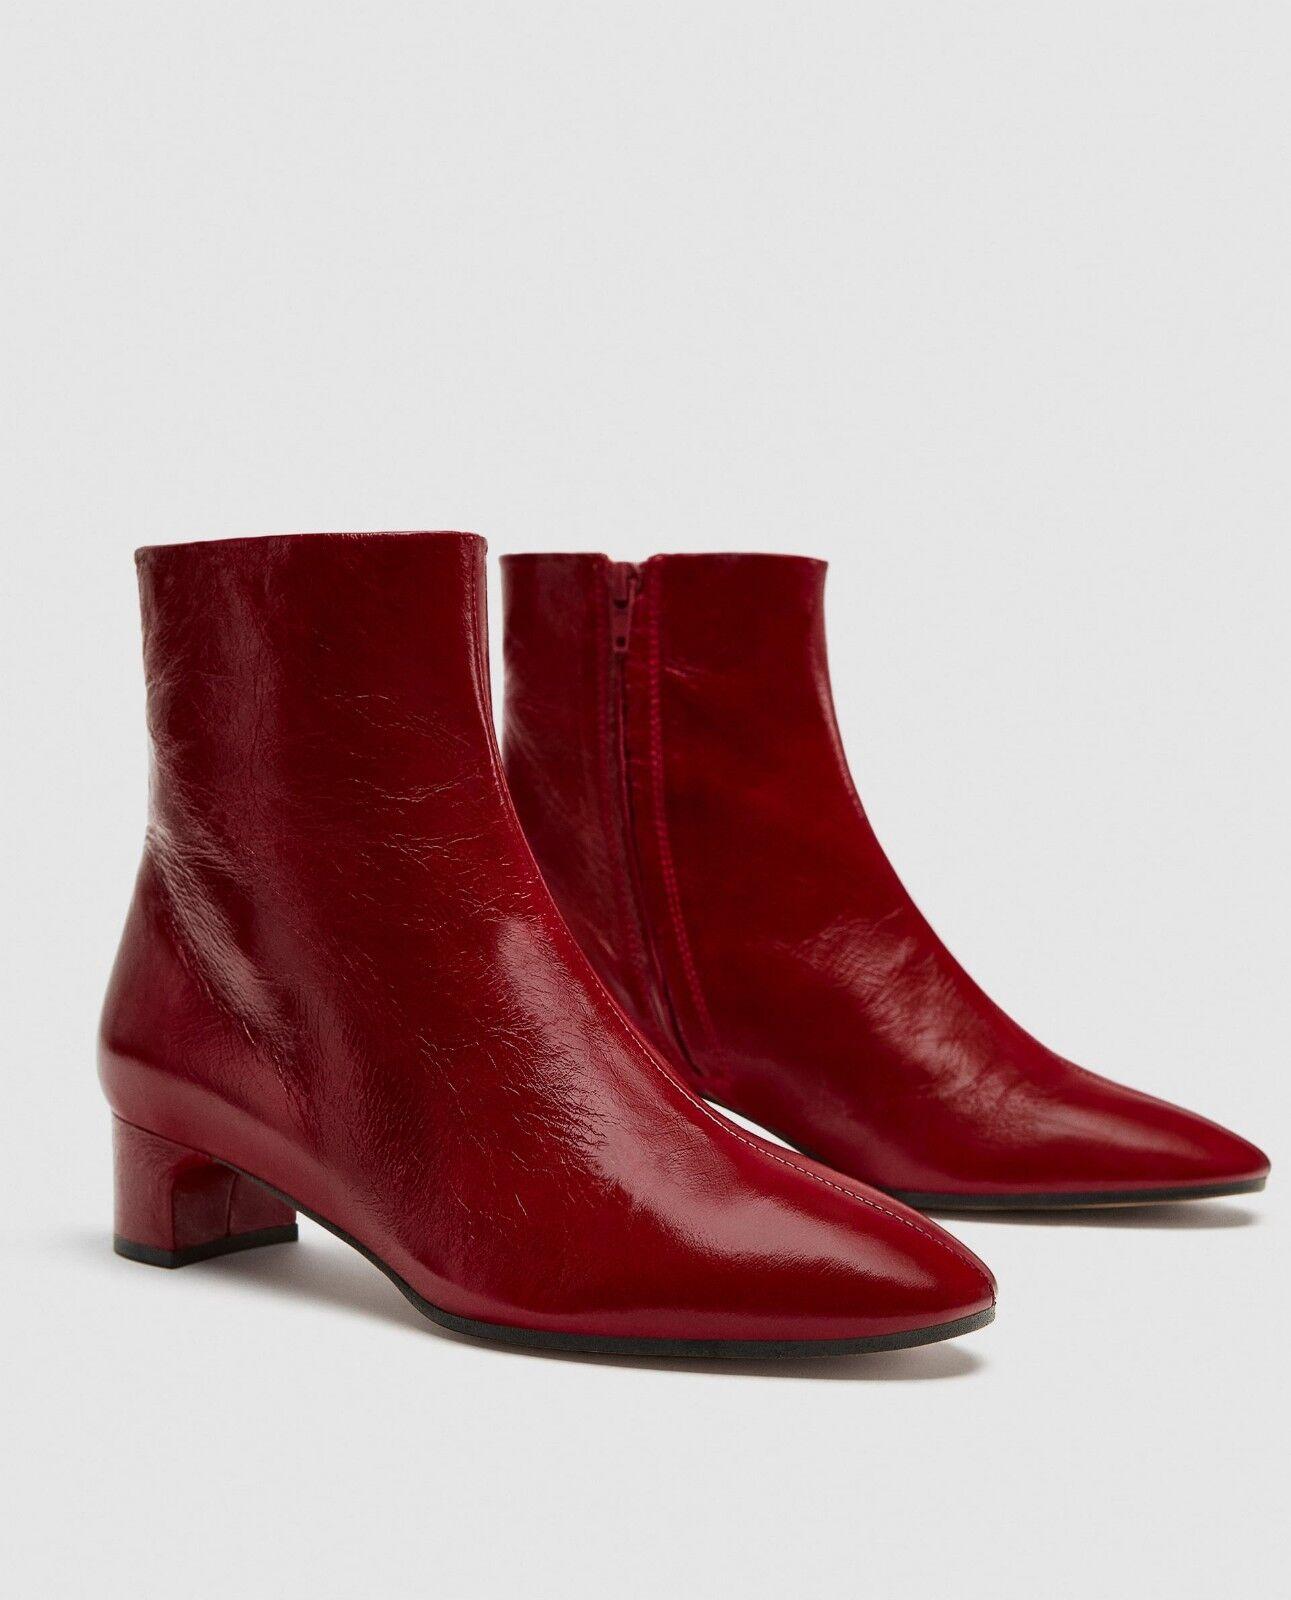 Nuevas botas al Tobillo Zara 100% Cuero, Cuero, Cuero, Rojo Nuevo botas, Bloque Talón tamaño 6.5 nos EU, 37  ventas en línea de venta